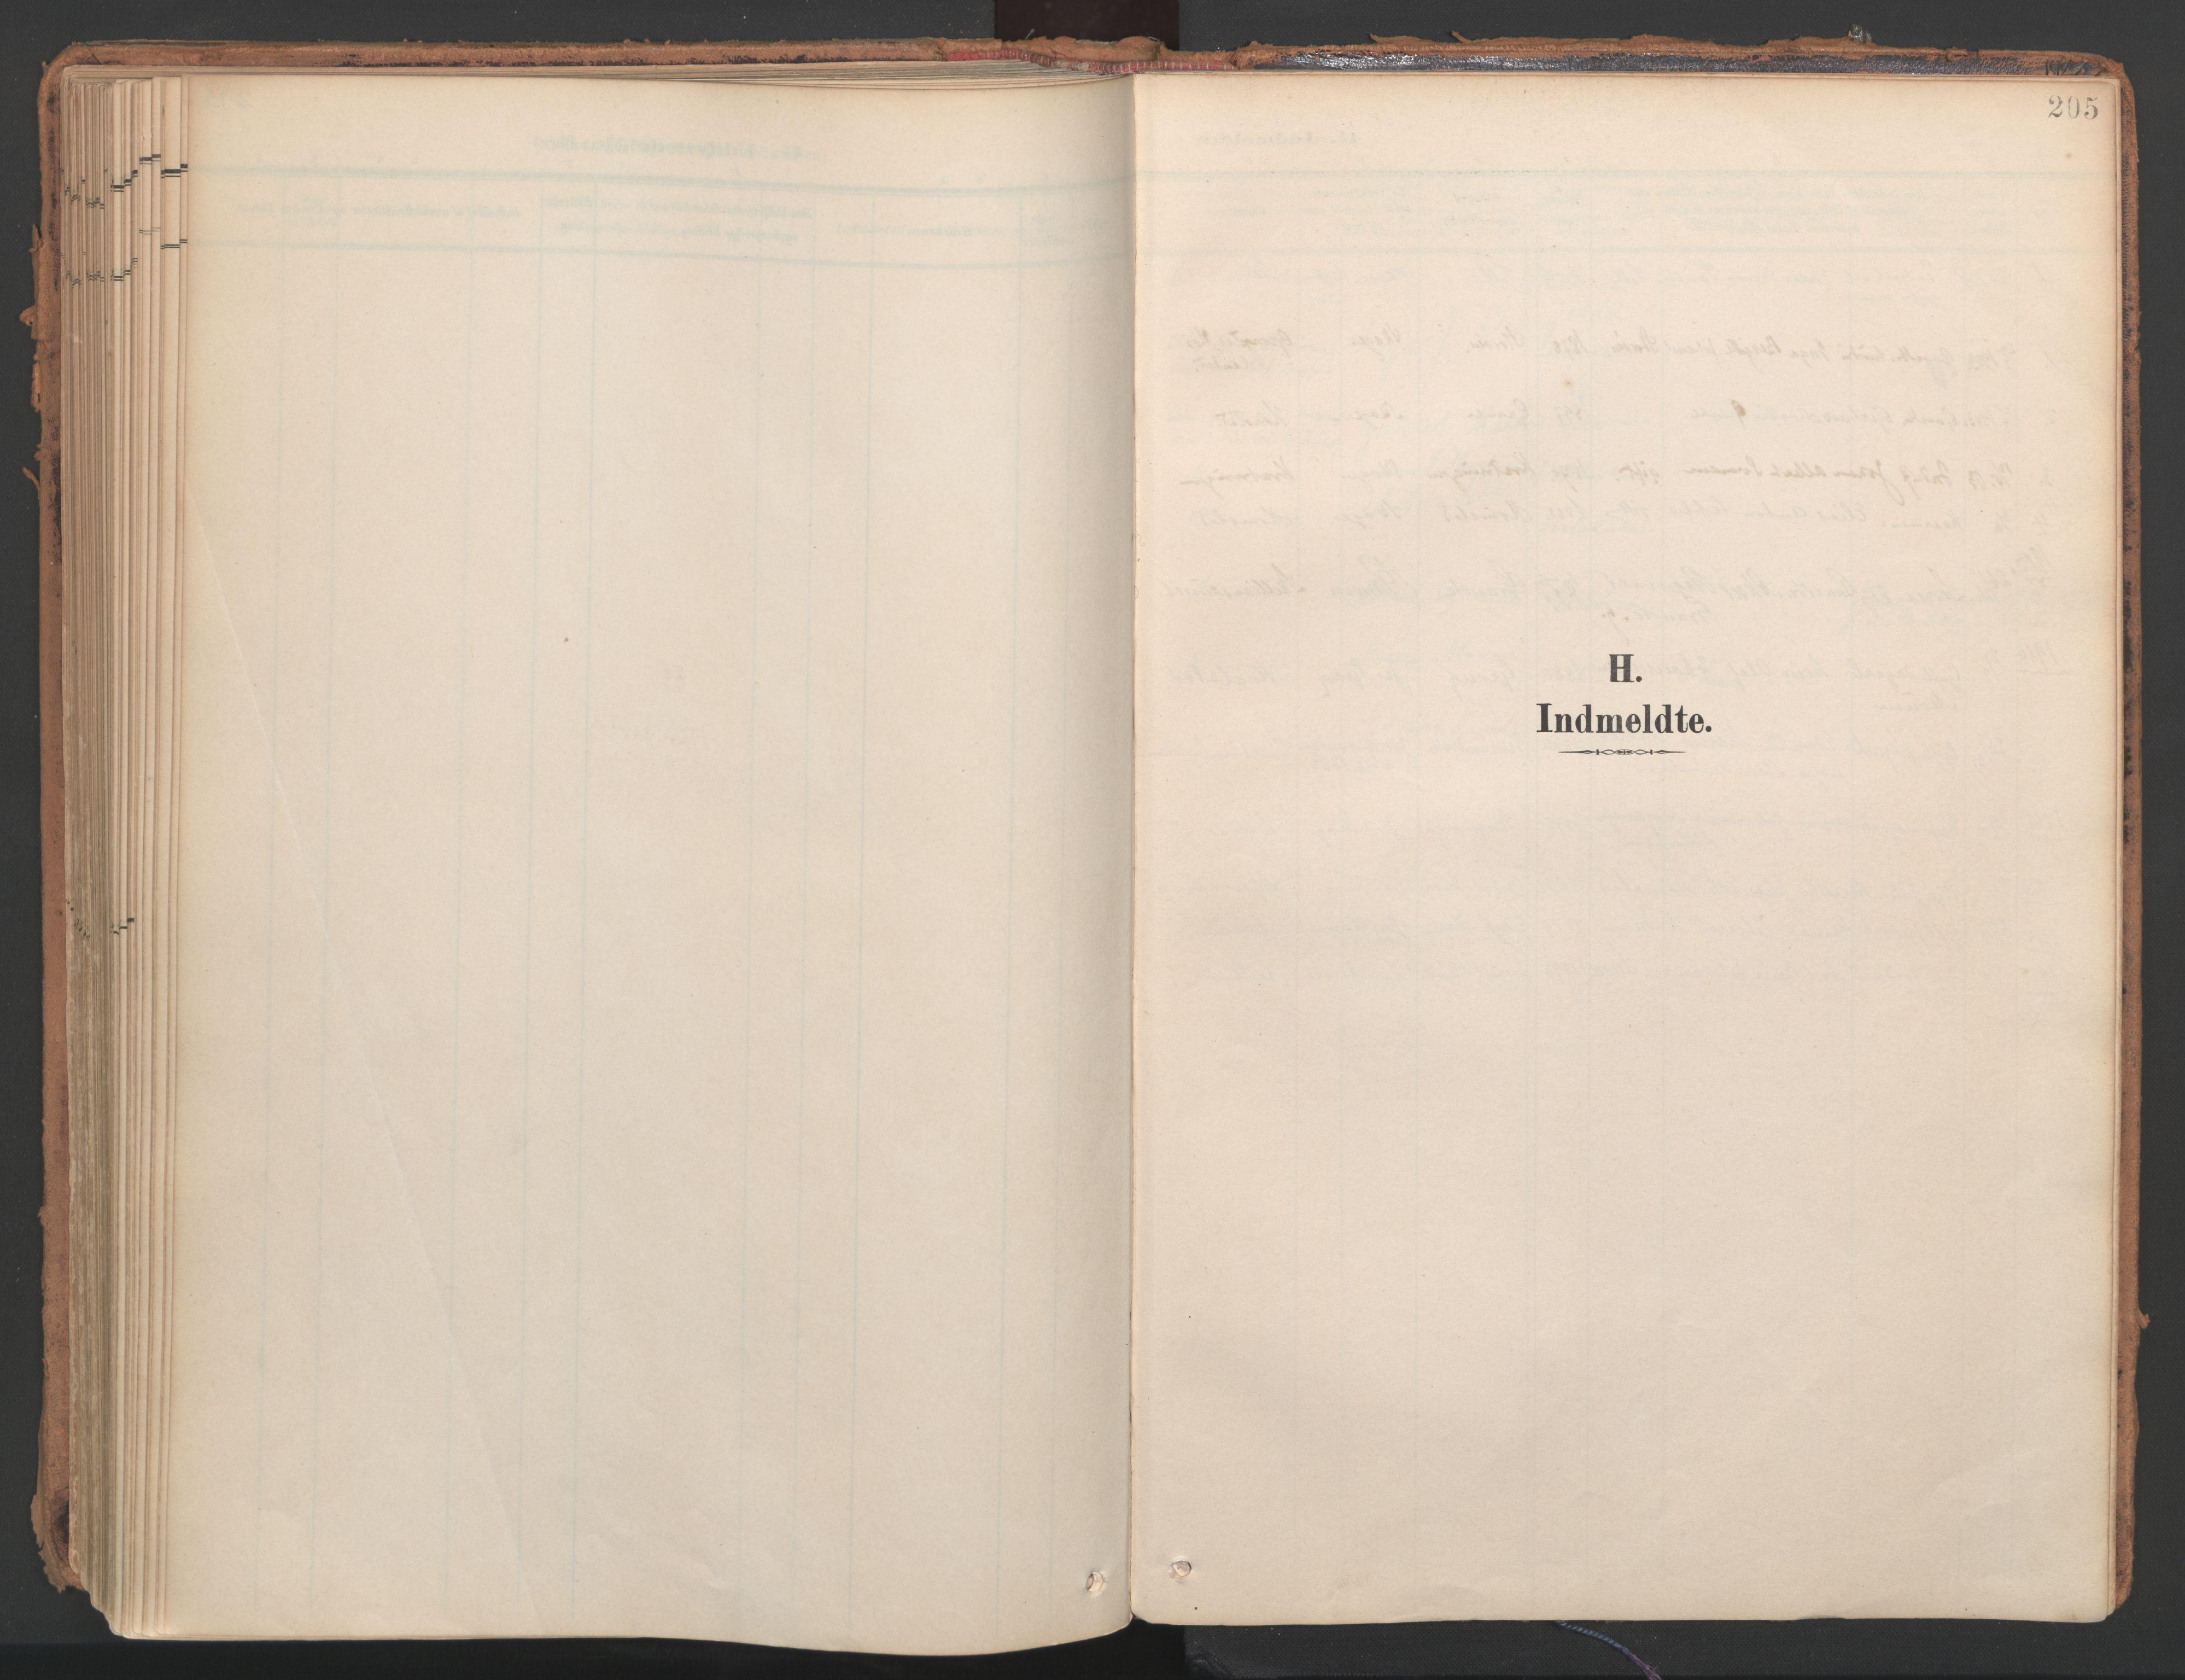 SAT, Ministerialprotokoller, klokkerbøker og fødselsregistre - Nord-Trøndelag, 766/L0564: Ministerialbok nr. 767A02, 1900-1932, s. 205